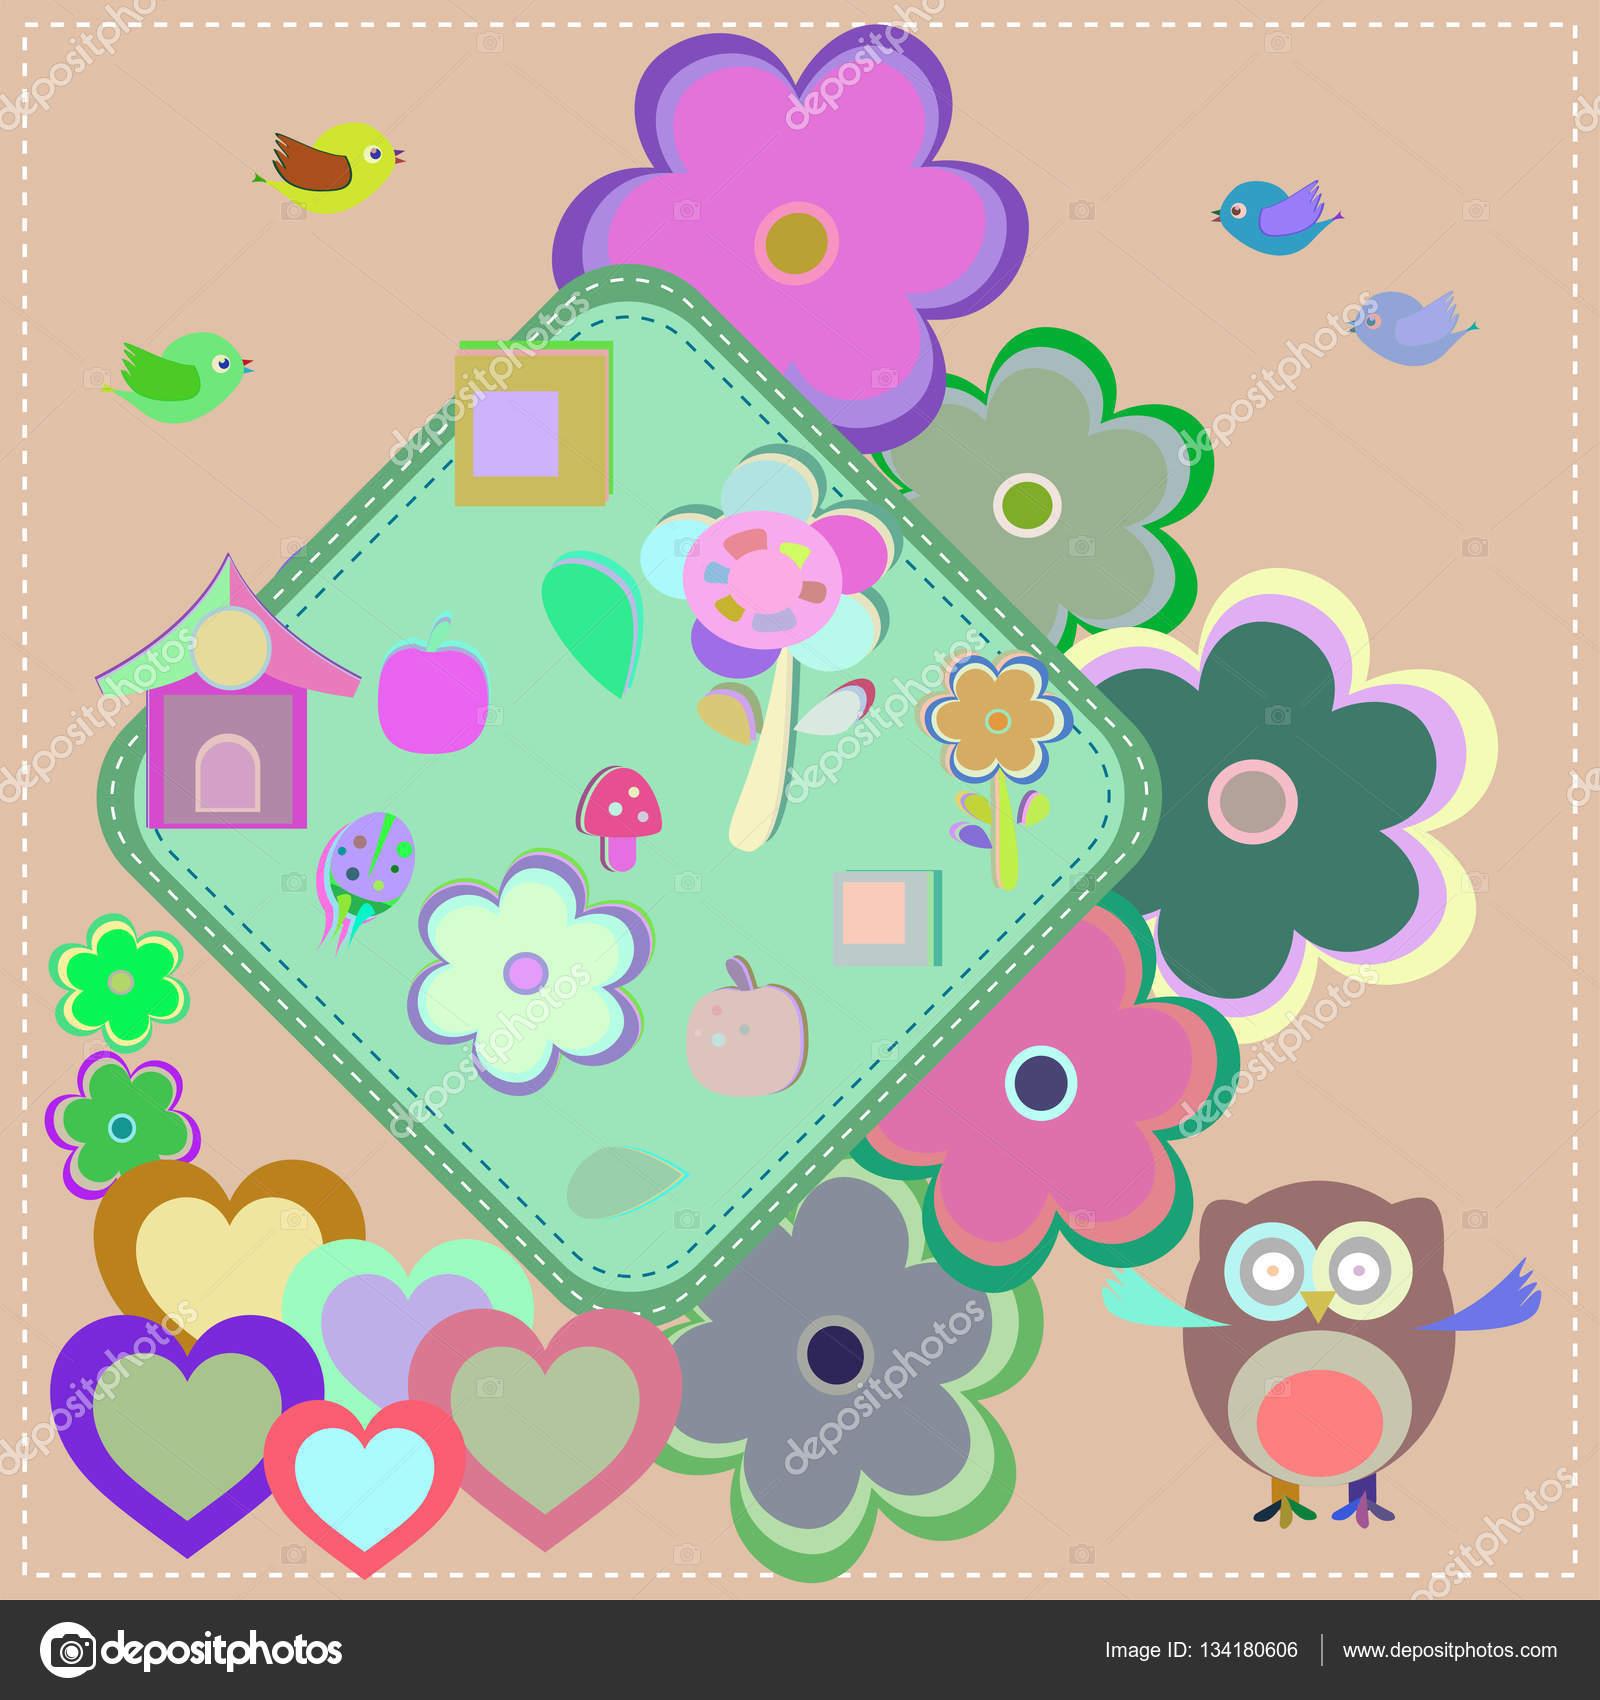 Zaproszenie Wzór Z Sowa Kwiatki Dla Dzieci Zdjęcie Stockowe